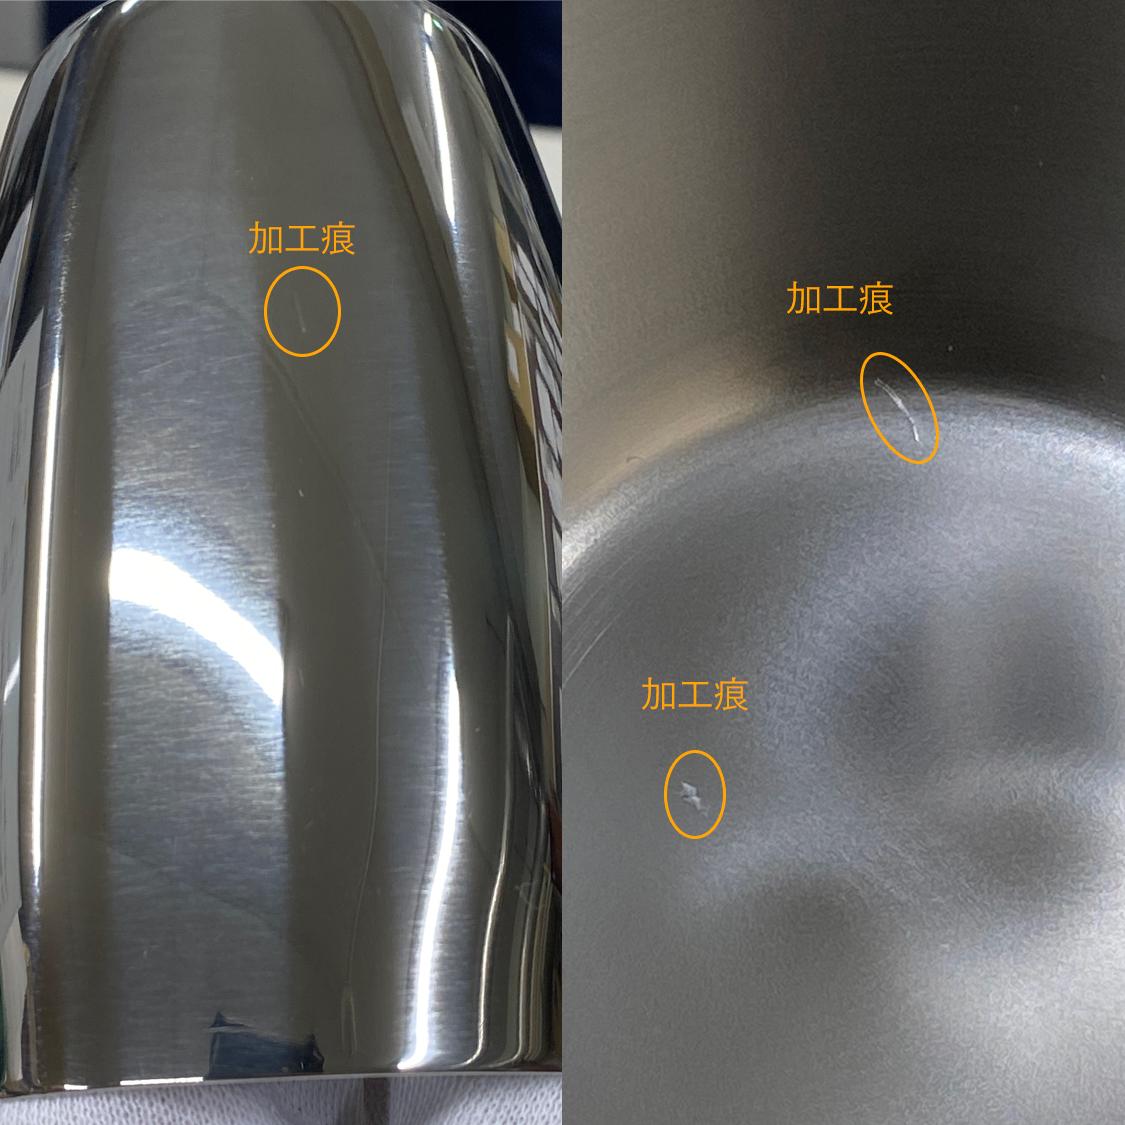 【BIRDY. アウトレットセール】CS350 カクテルシェーカー 350ml B品